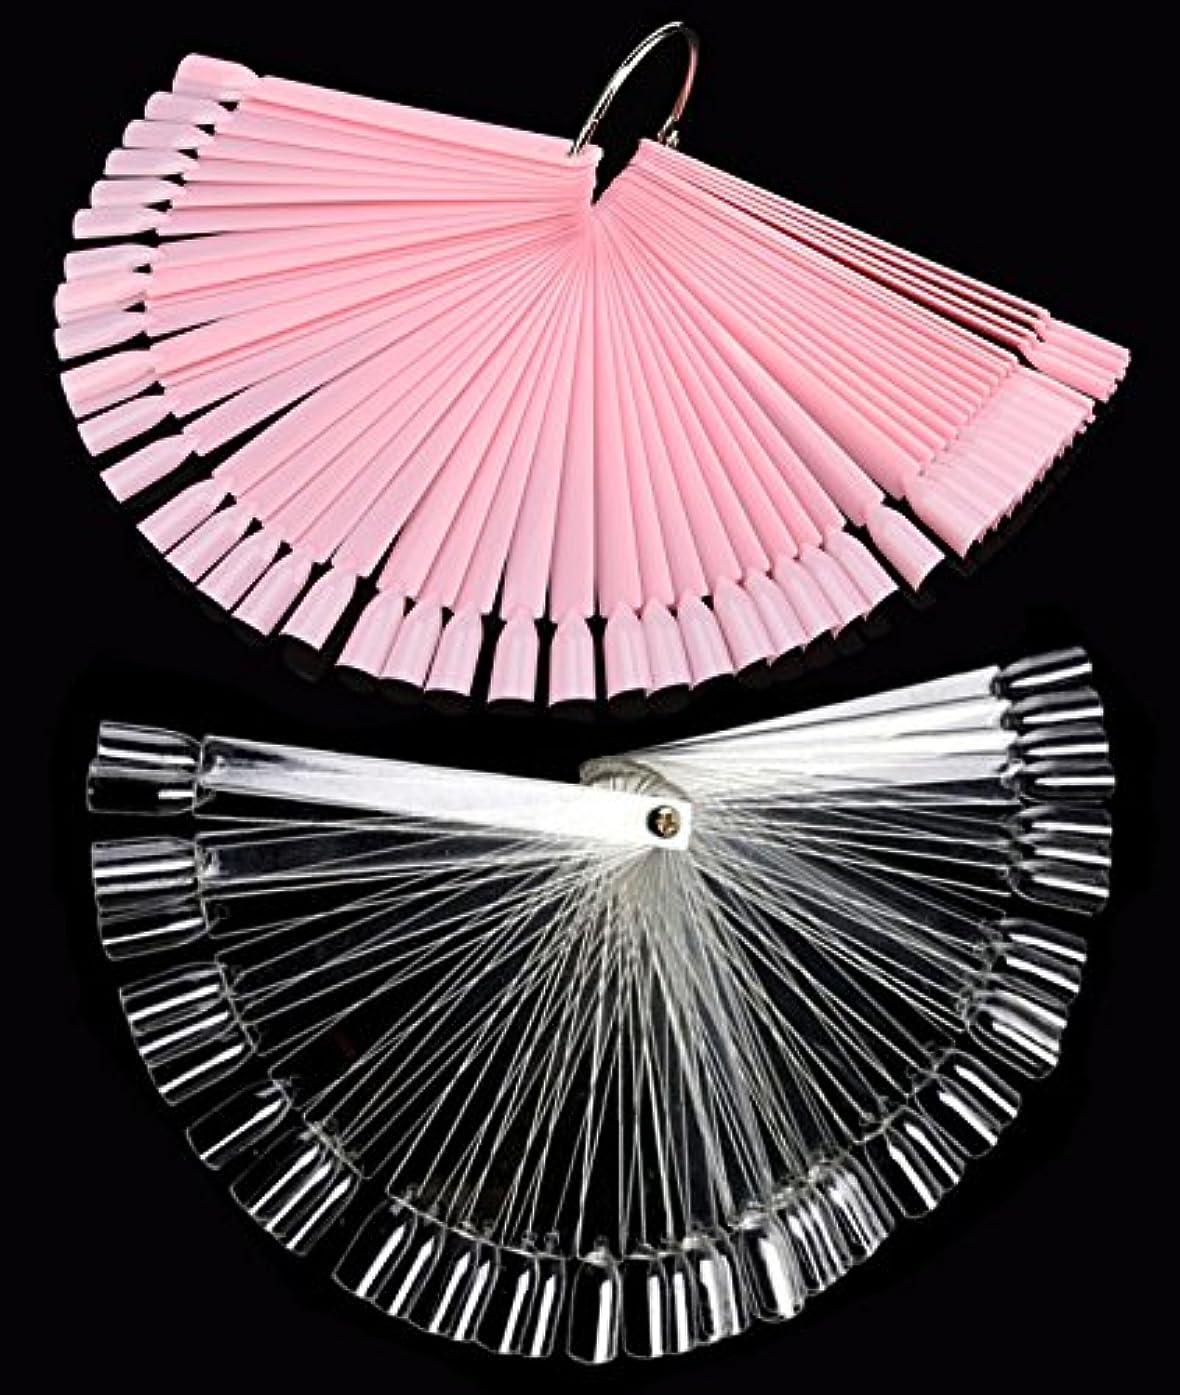 スタック過ち迫害するネイル カラーチャート 100枚 折り畳み式 プロ専用 新人練習用 ネイル カラーチャート